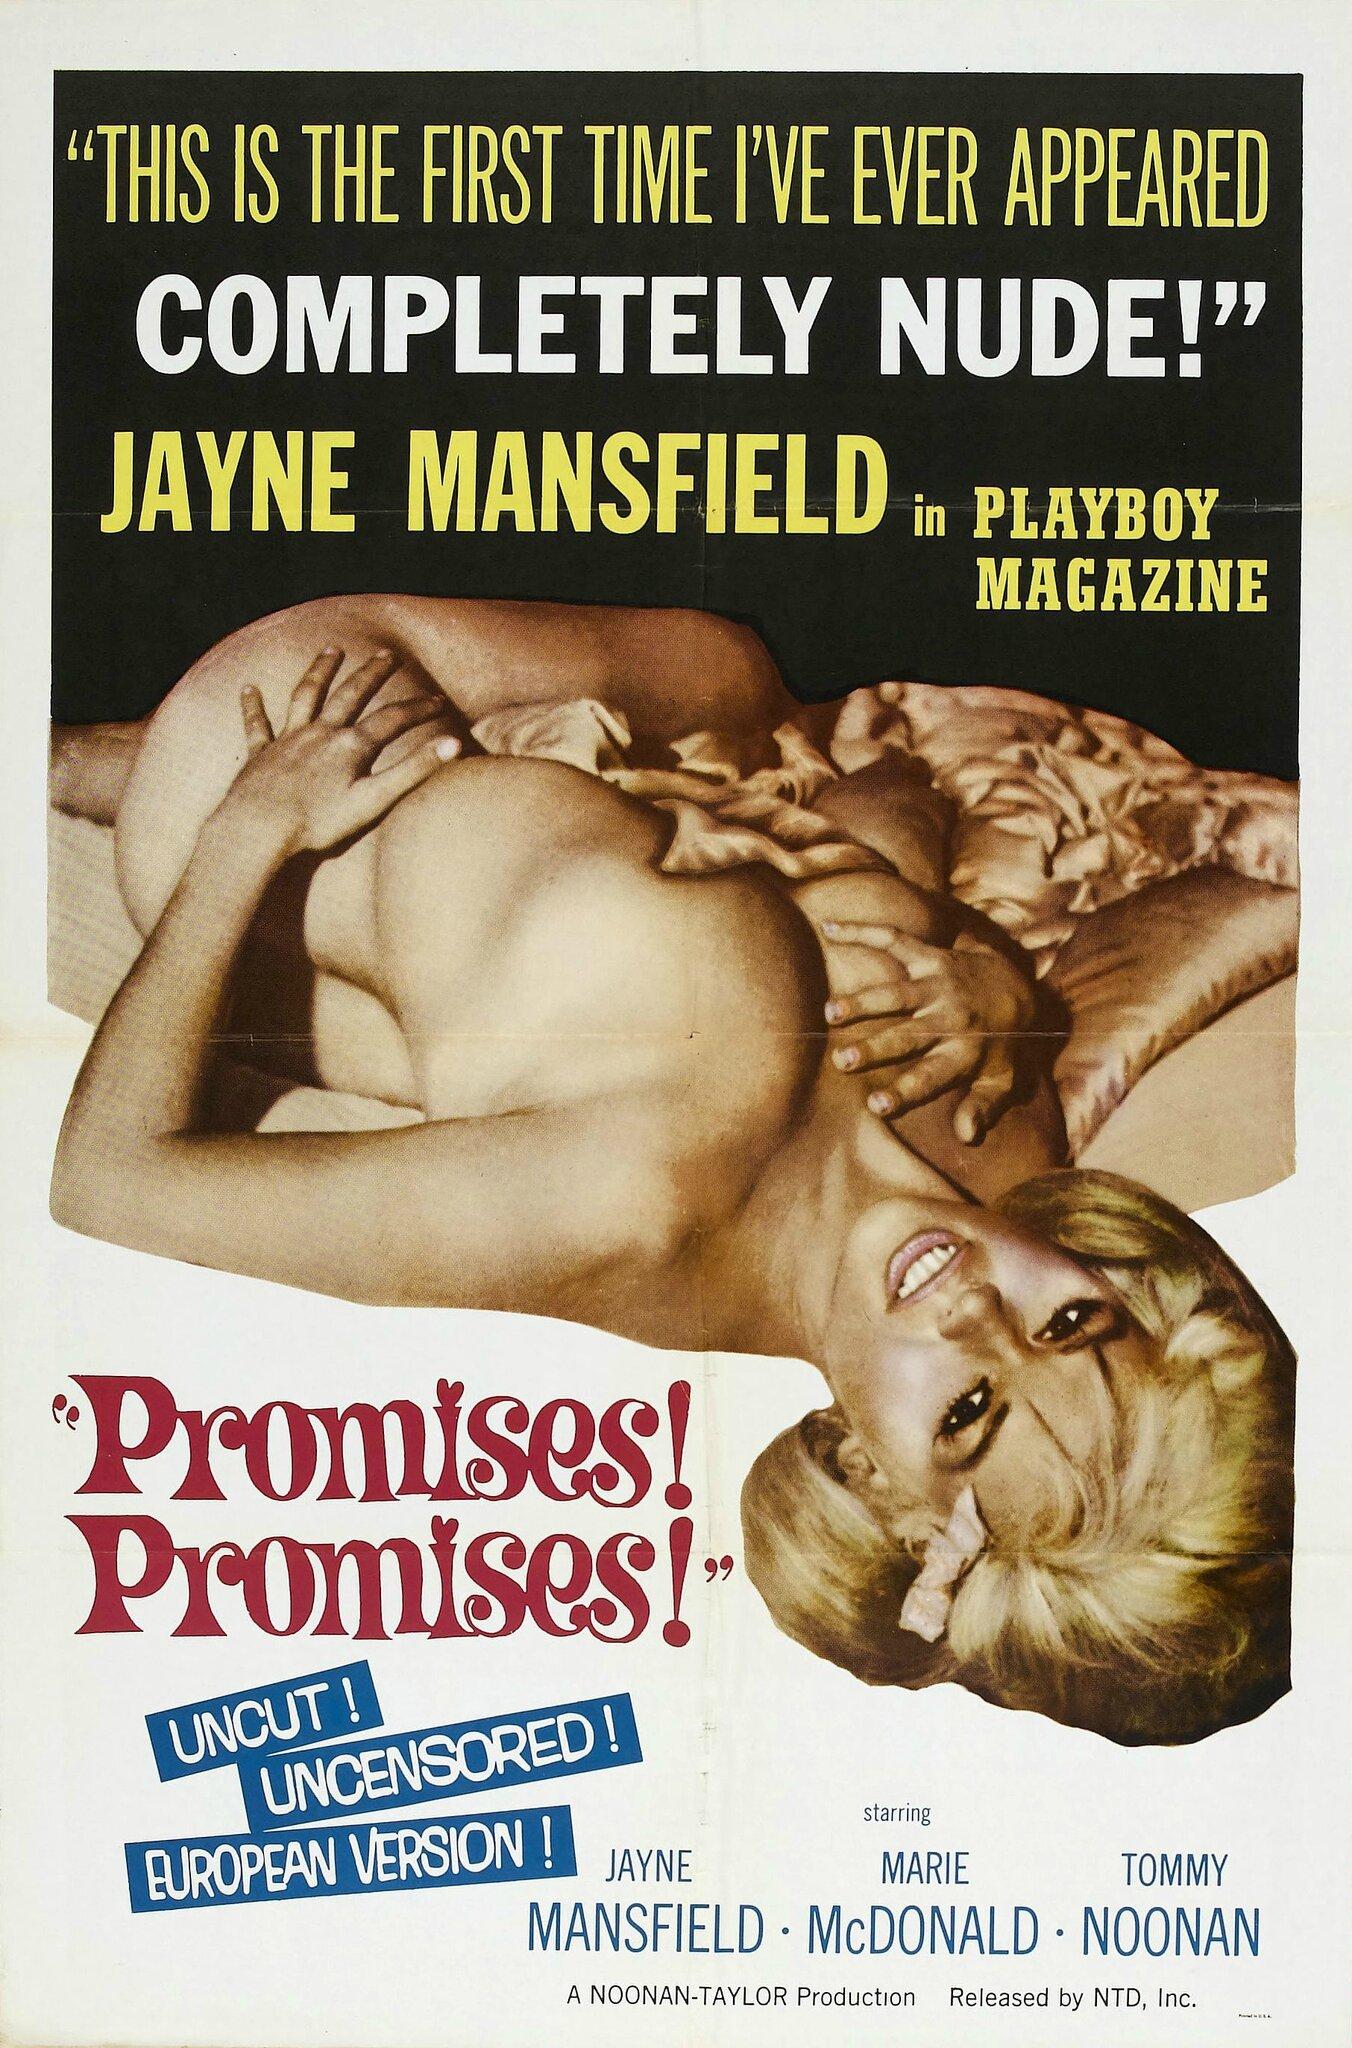 jayne-1963-film-promises_promises-aff-1